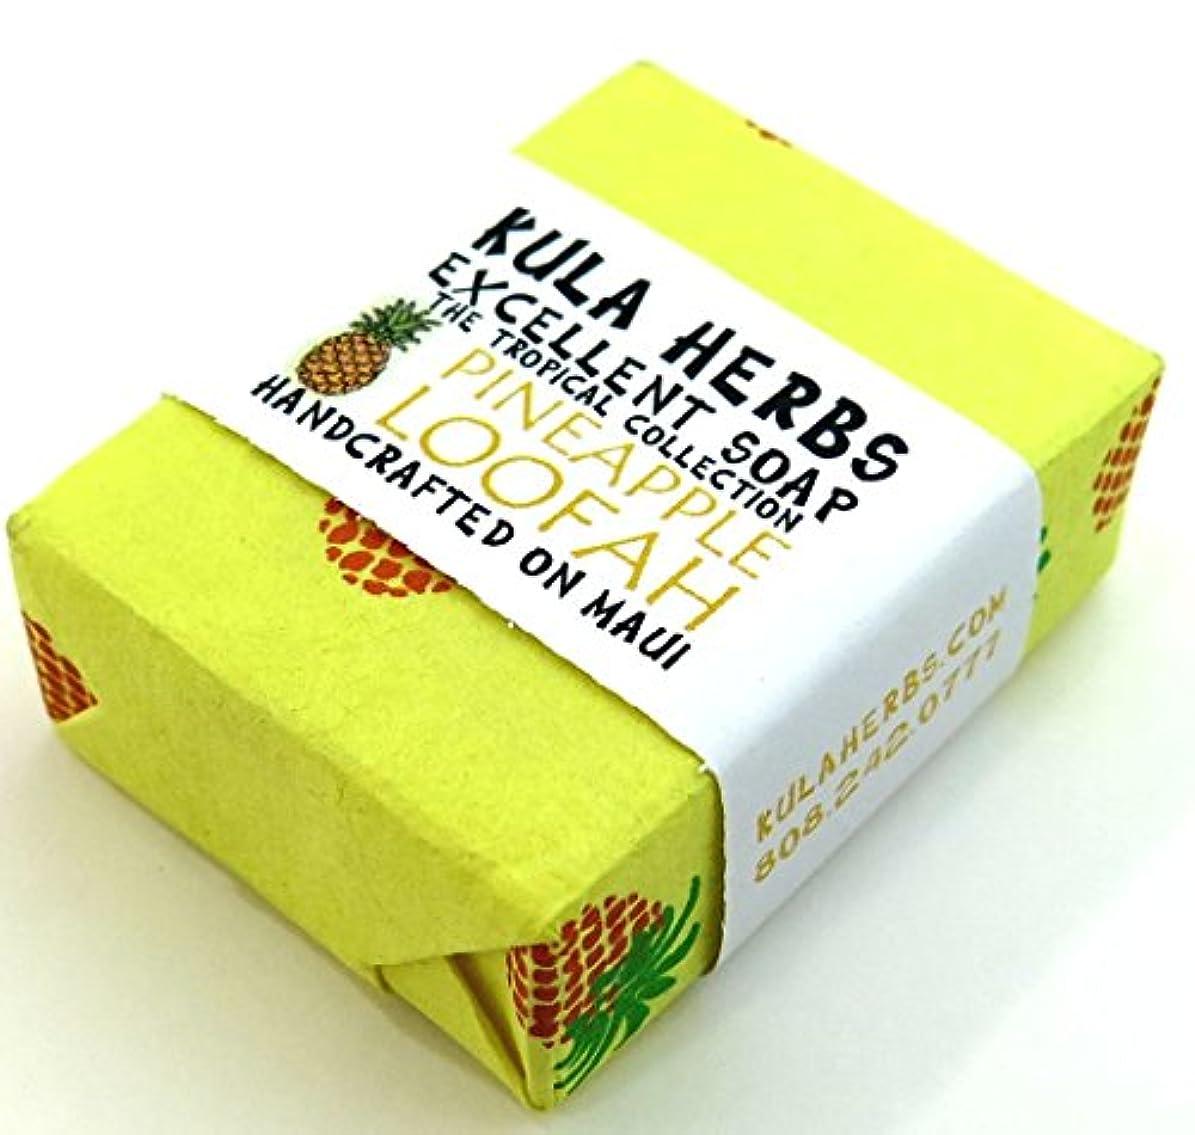 上院議員鼓舞する記録ハワイ お土産 ハワイアン雑貨 クラハーブス エクセレント ソープ 石鹸 30g (パイナップル)